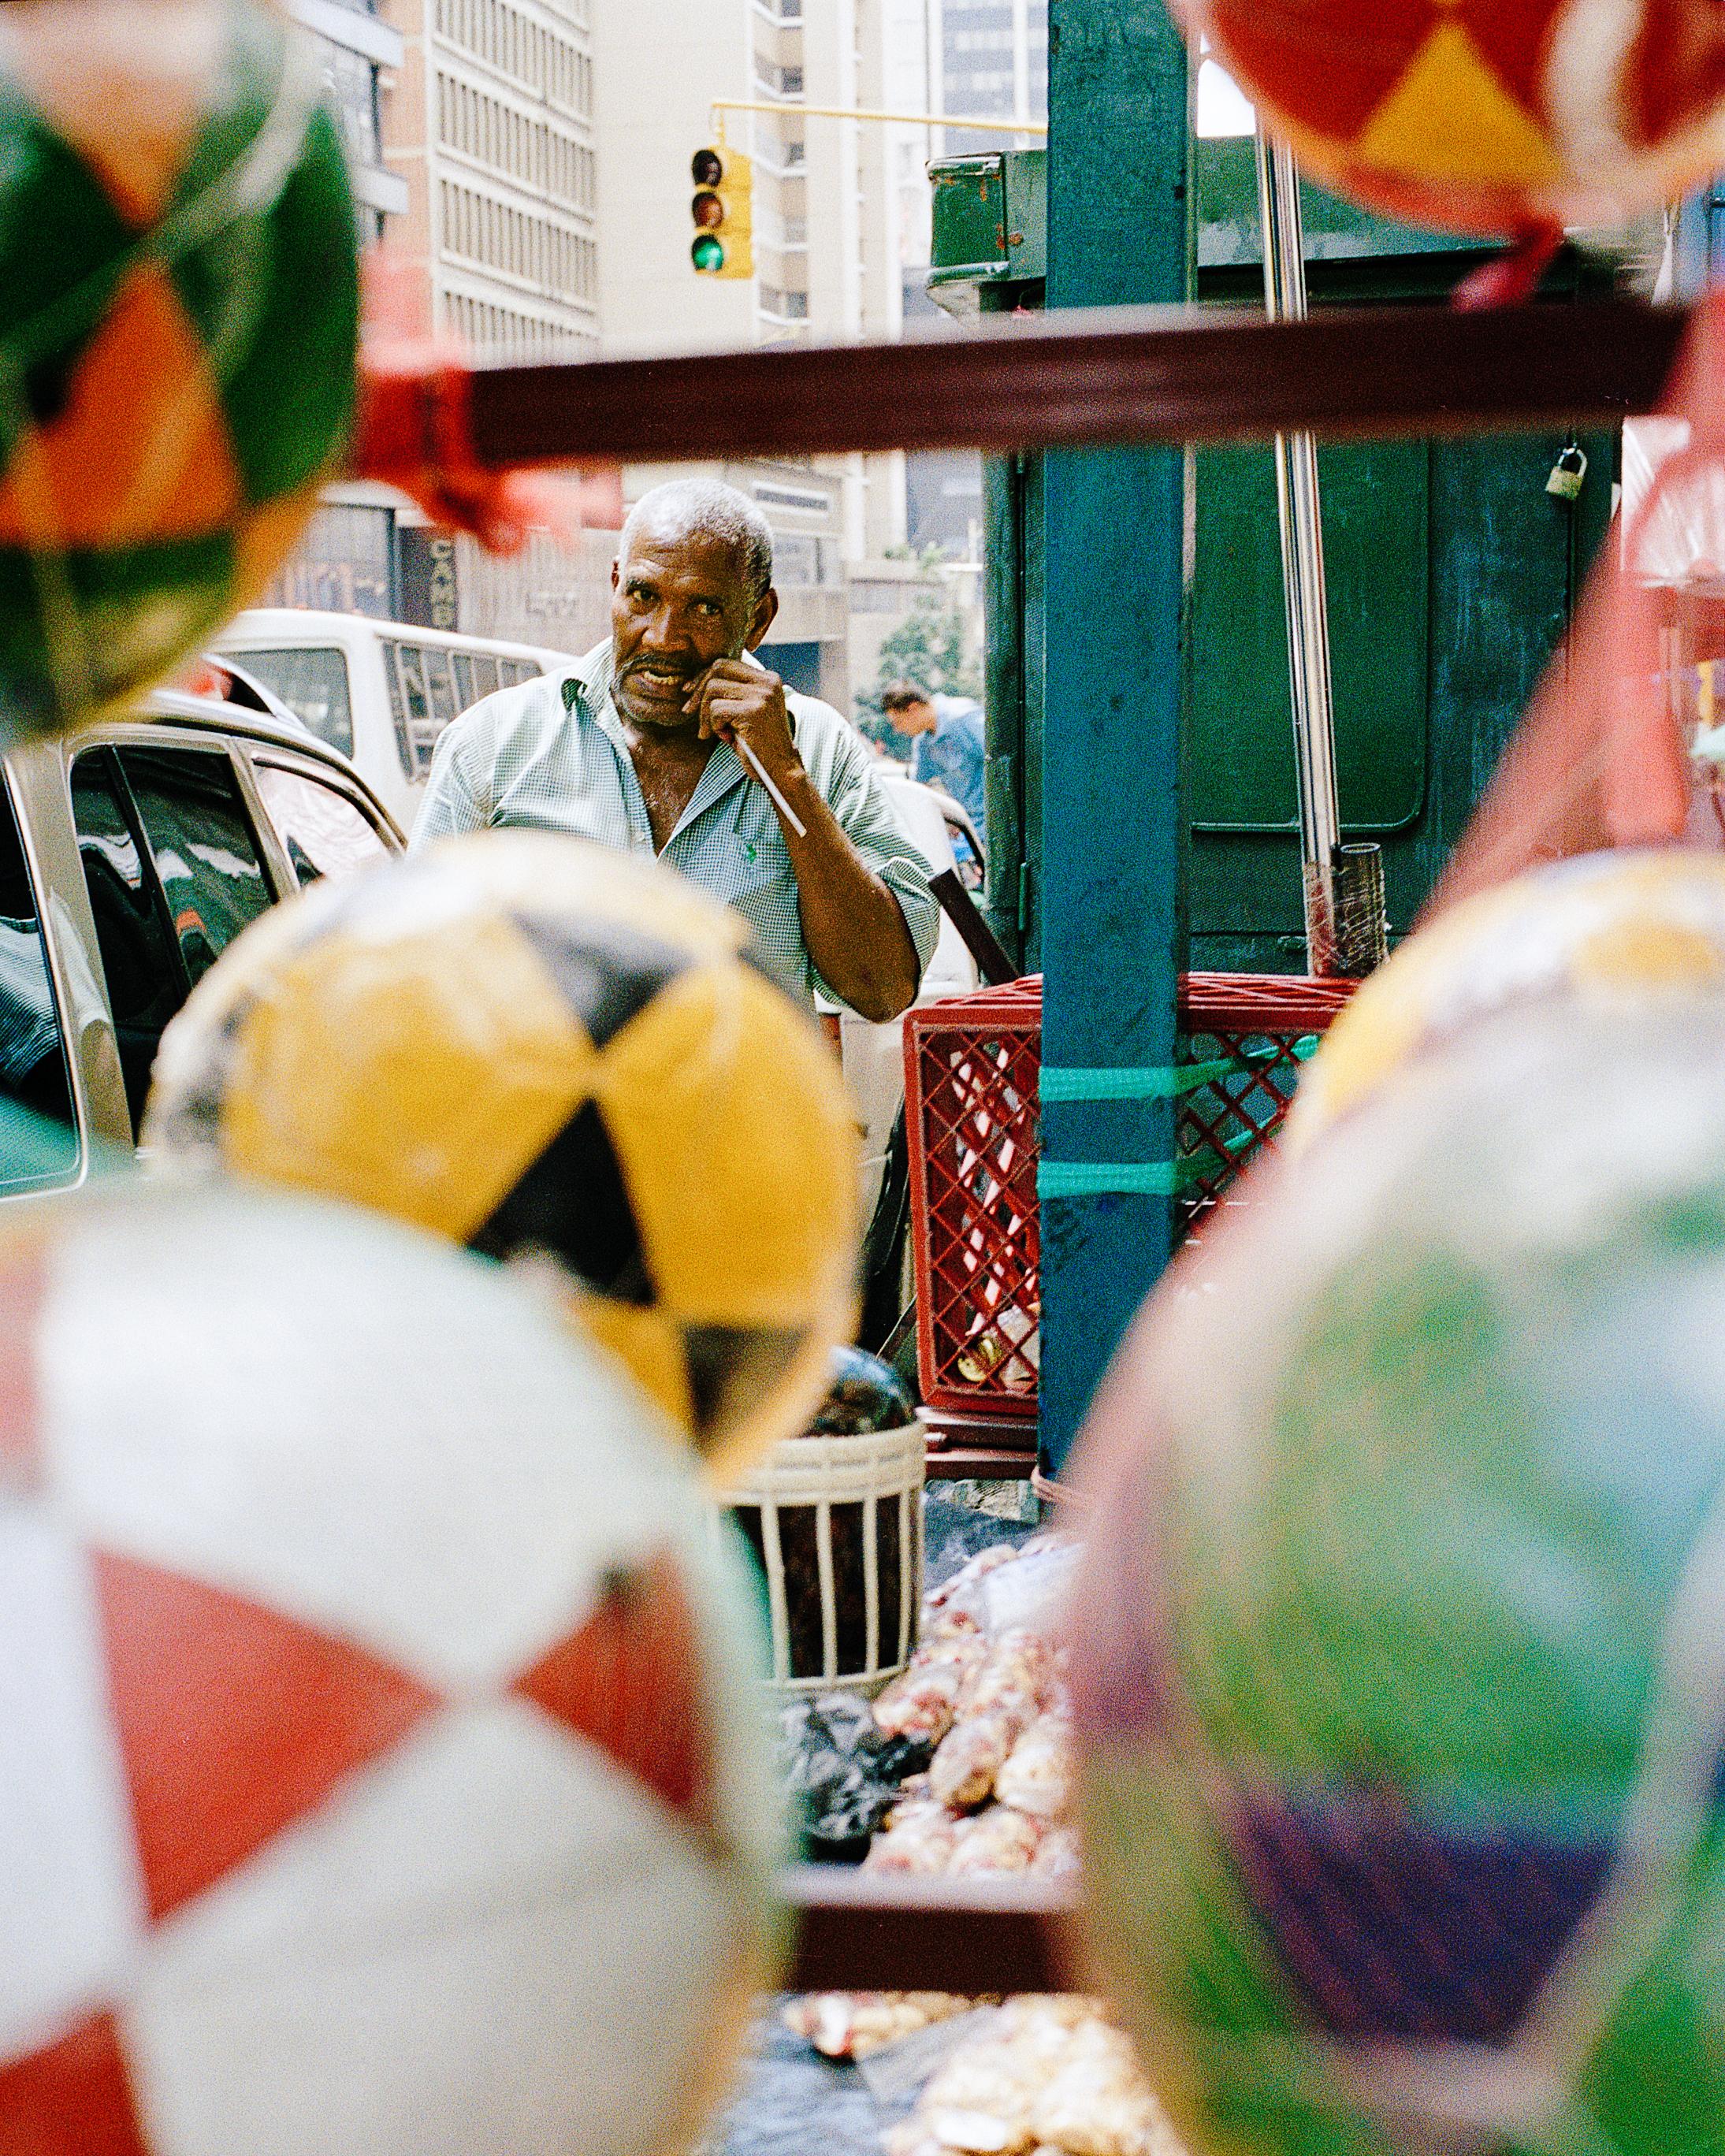 Vendedor ambulante. Caracas, Venezuela. 2007. Una de mis primeras experiencias en las calles caraqueñas.